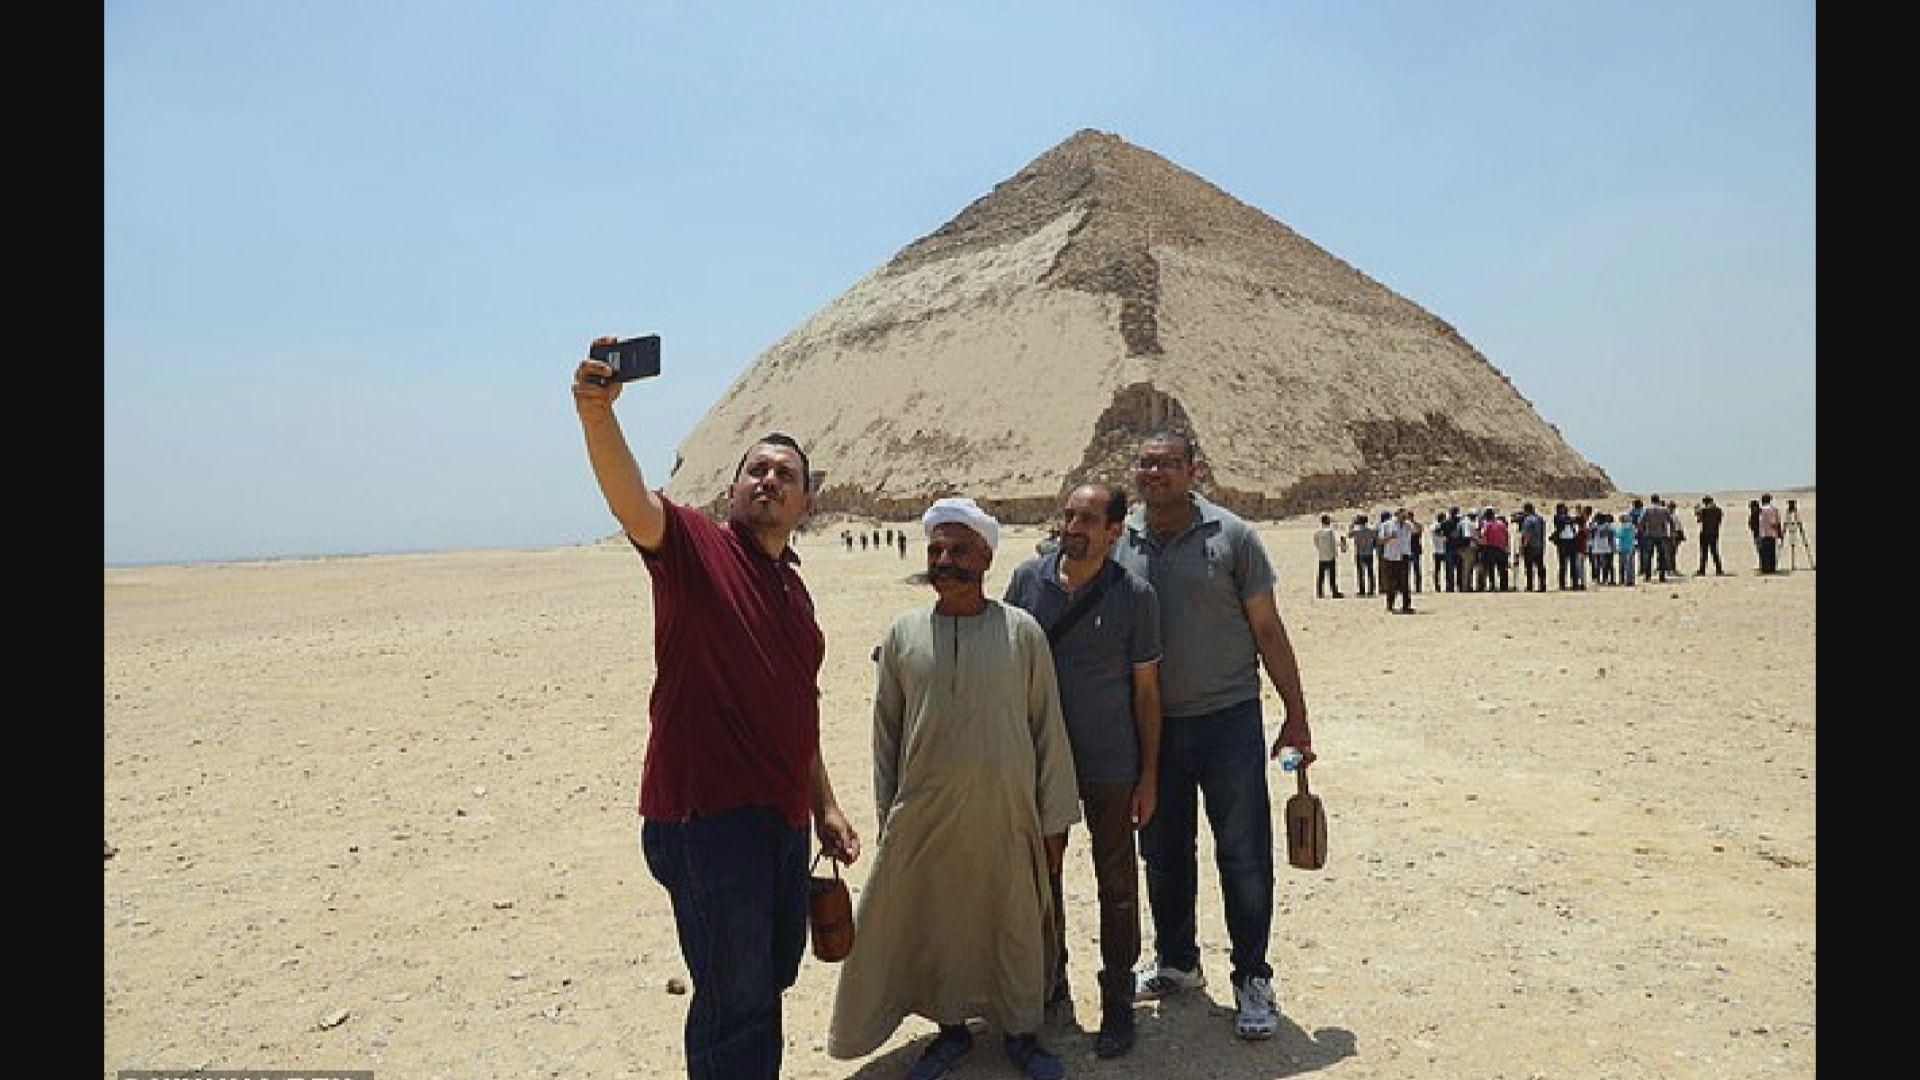 埃及開放彎曲金字塔給遊客參觀